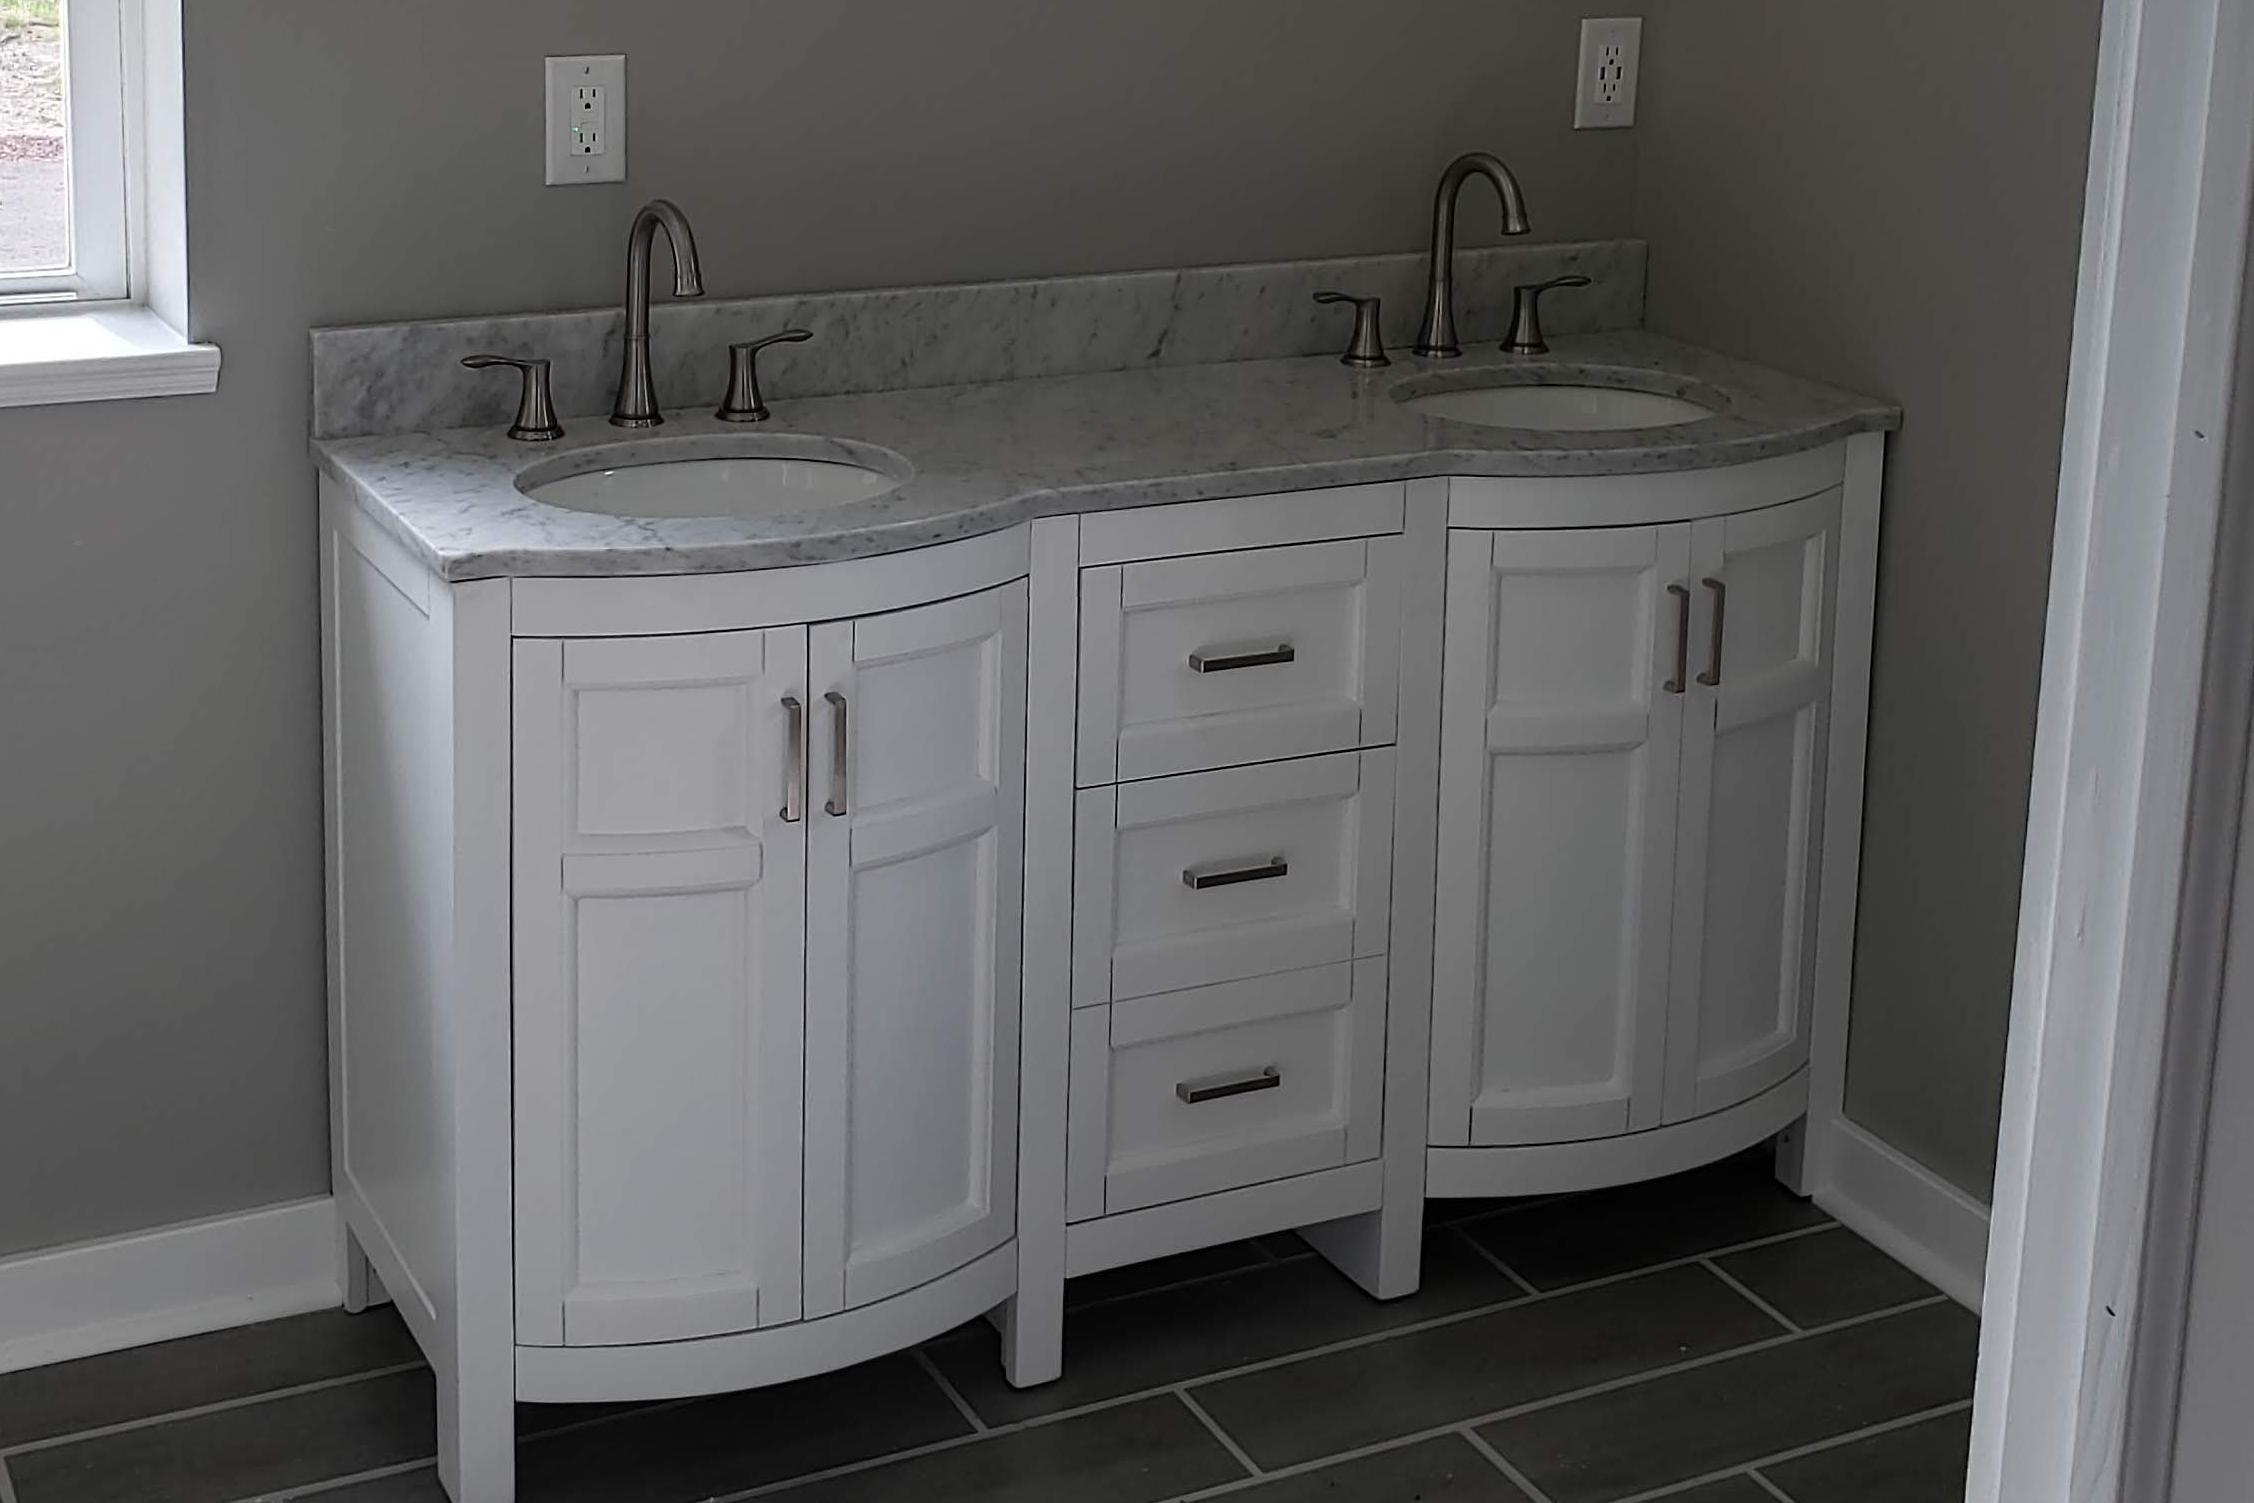 Bathroom Vanity Remodel Applause Plumbing And Heating